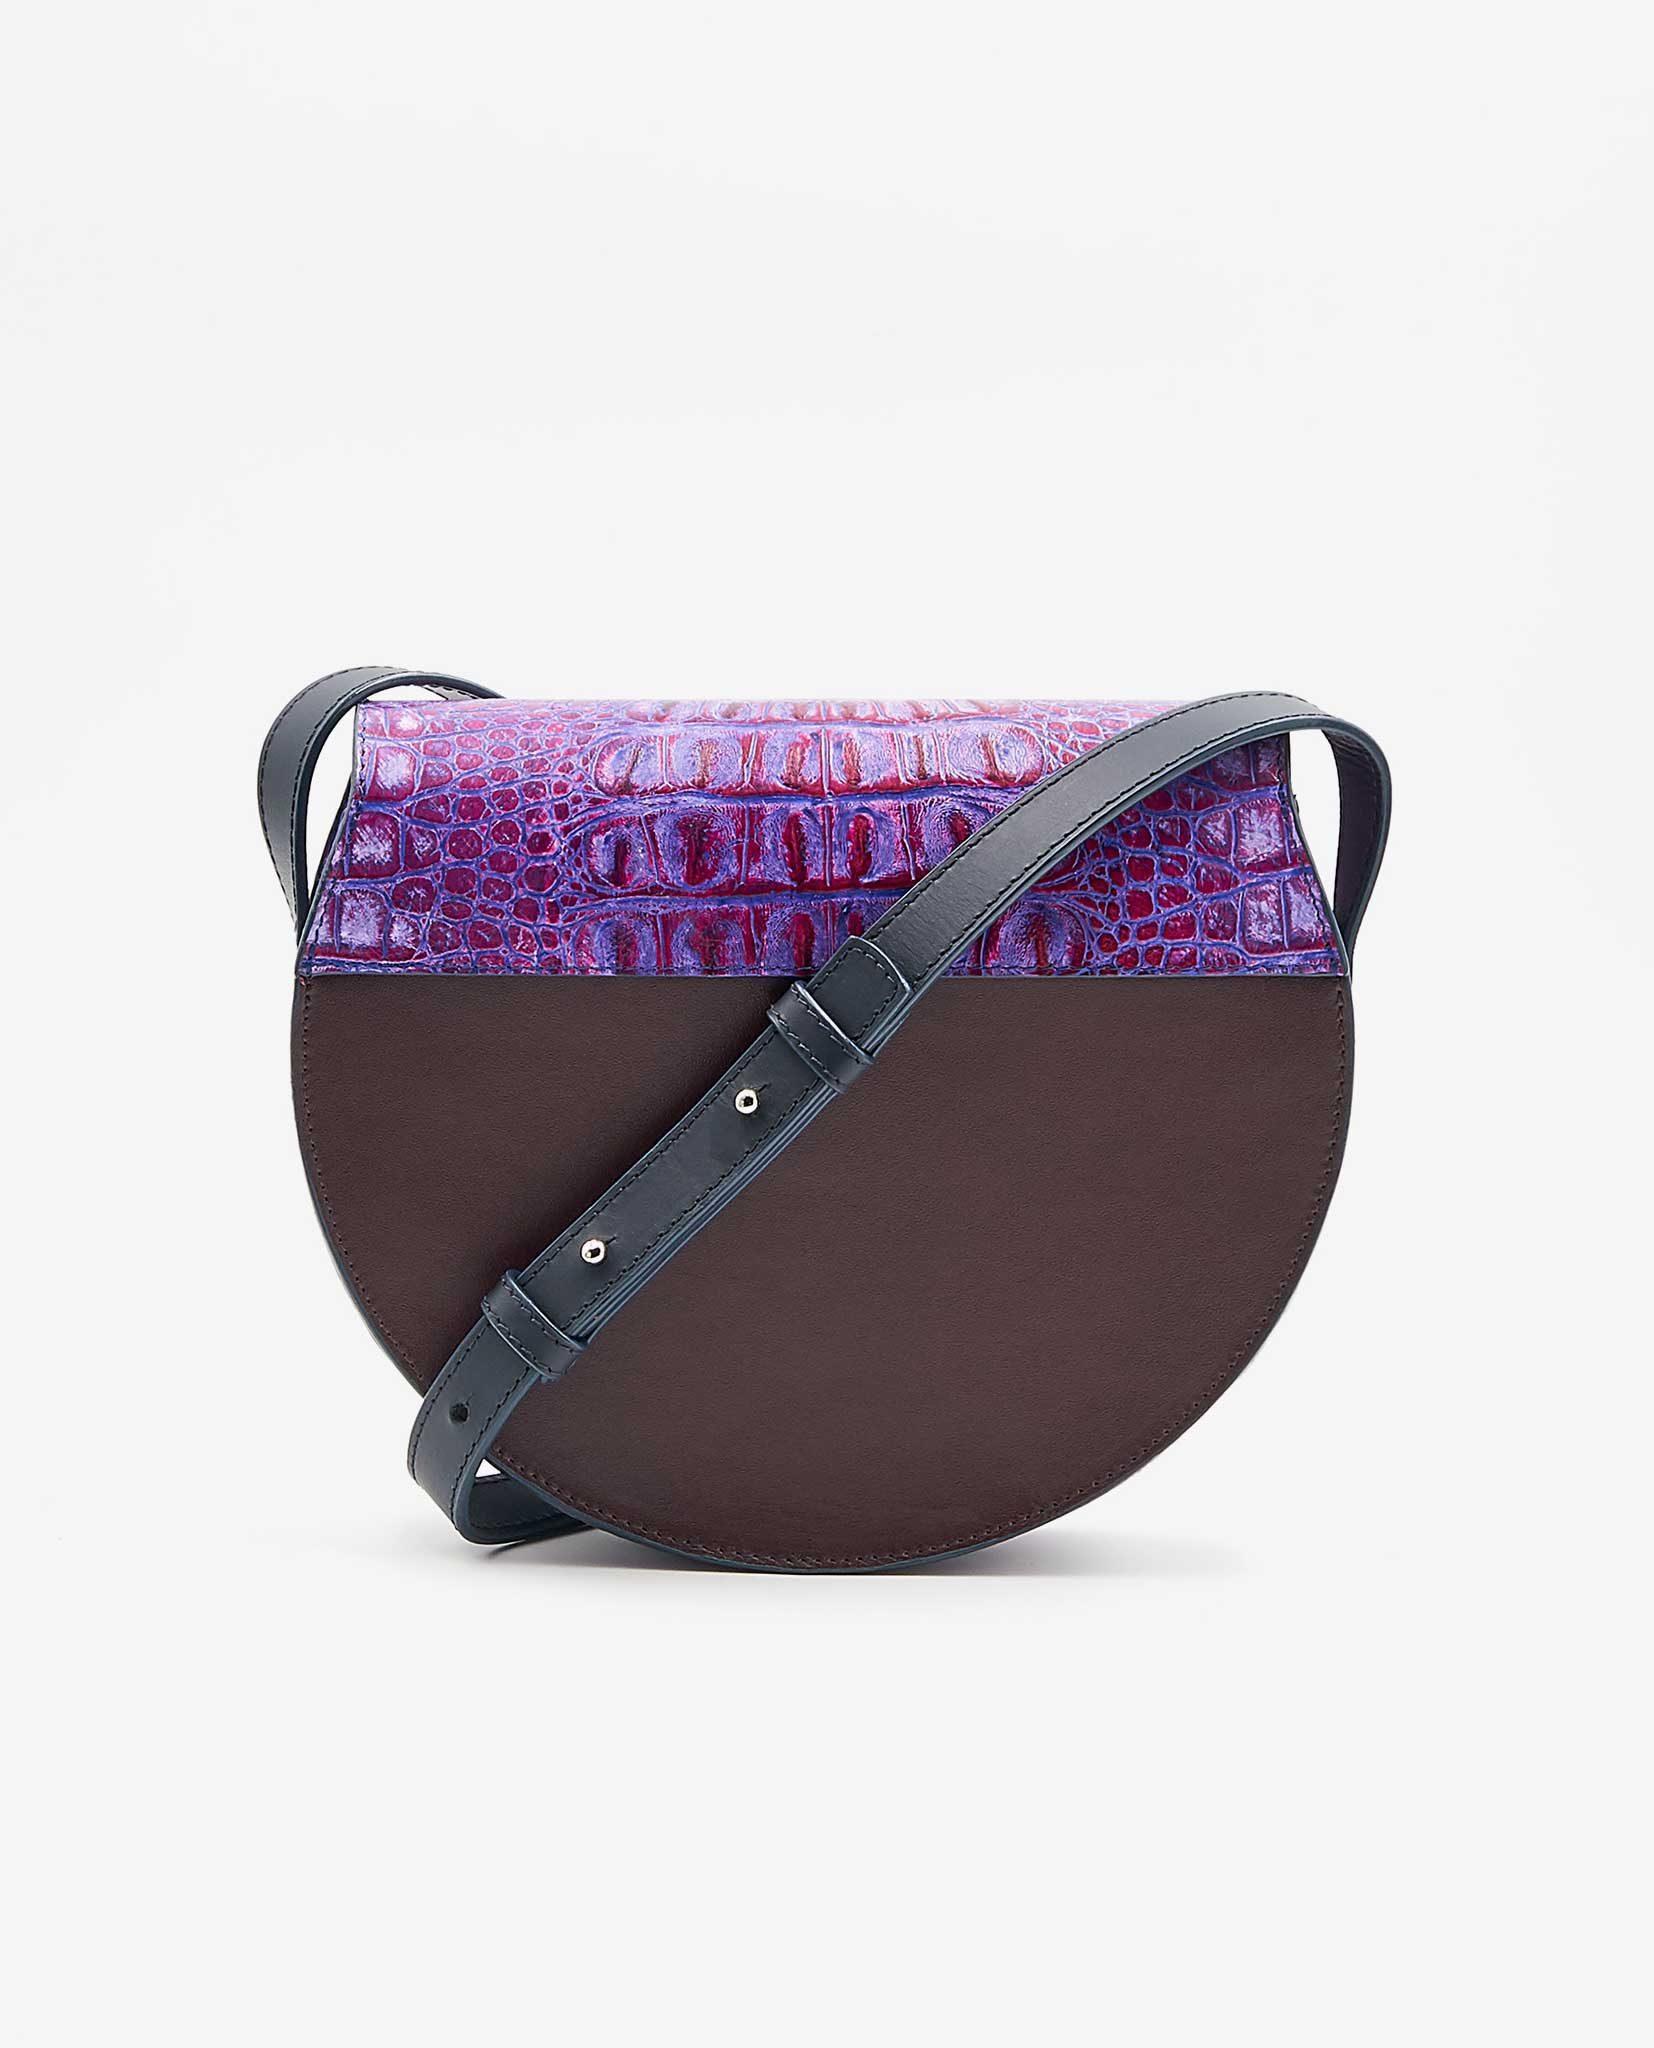 SOOFRE-Berlin-unique-Crossbody-Purse-croco-purple-lilac-burgundy-BACK